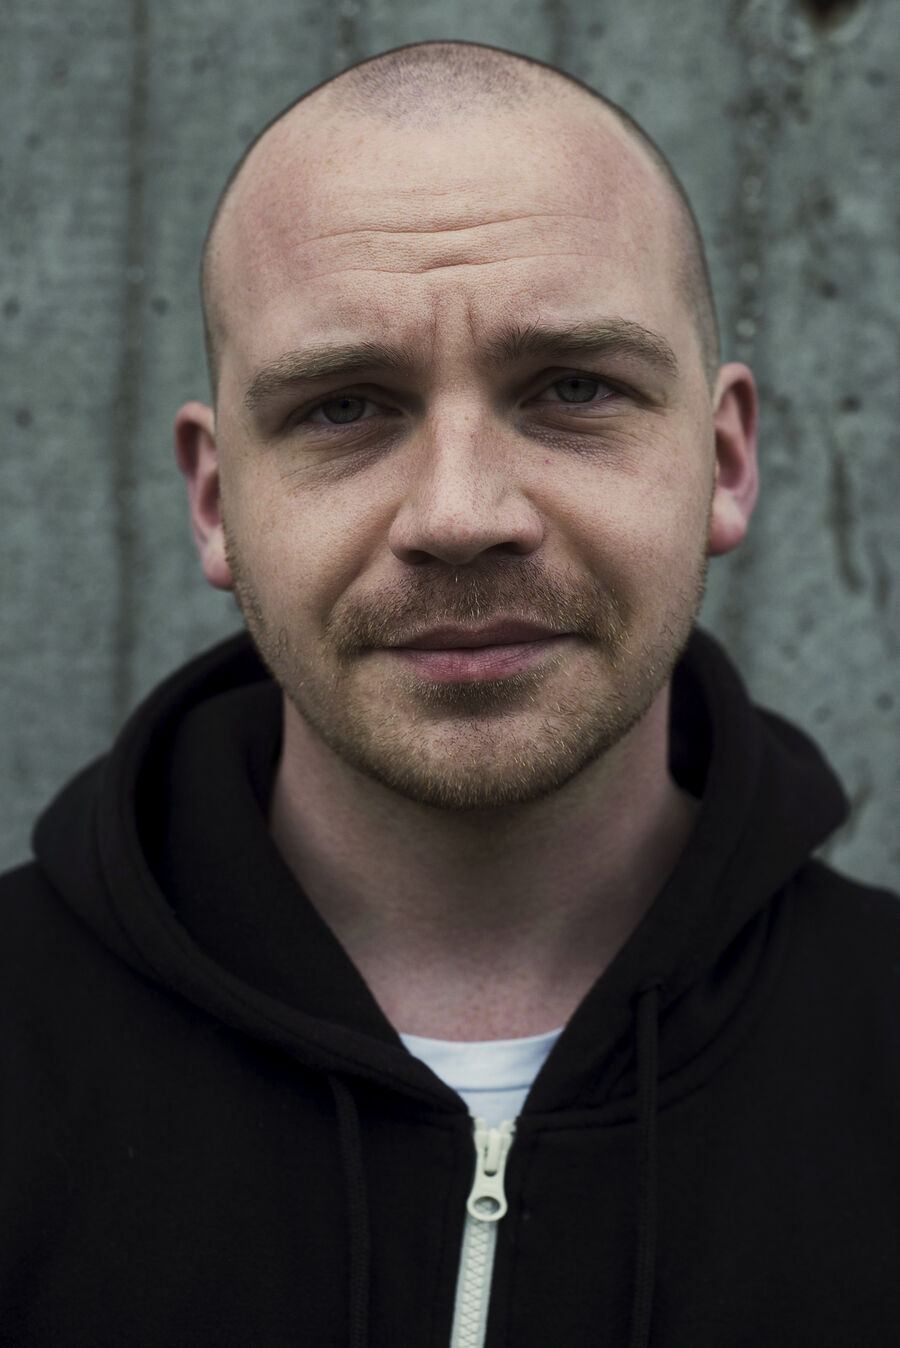 Oplev Morten Papes forfatterforedrag på Hovedbiblioteket